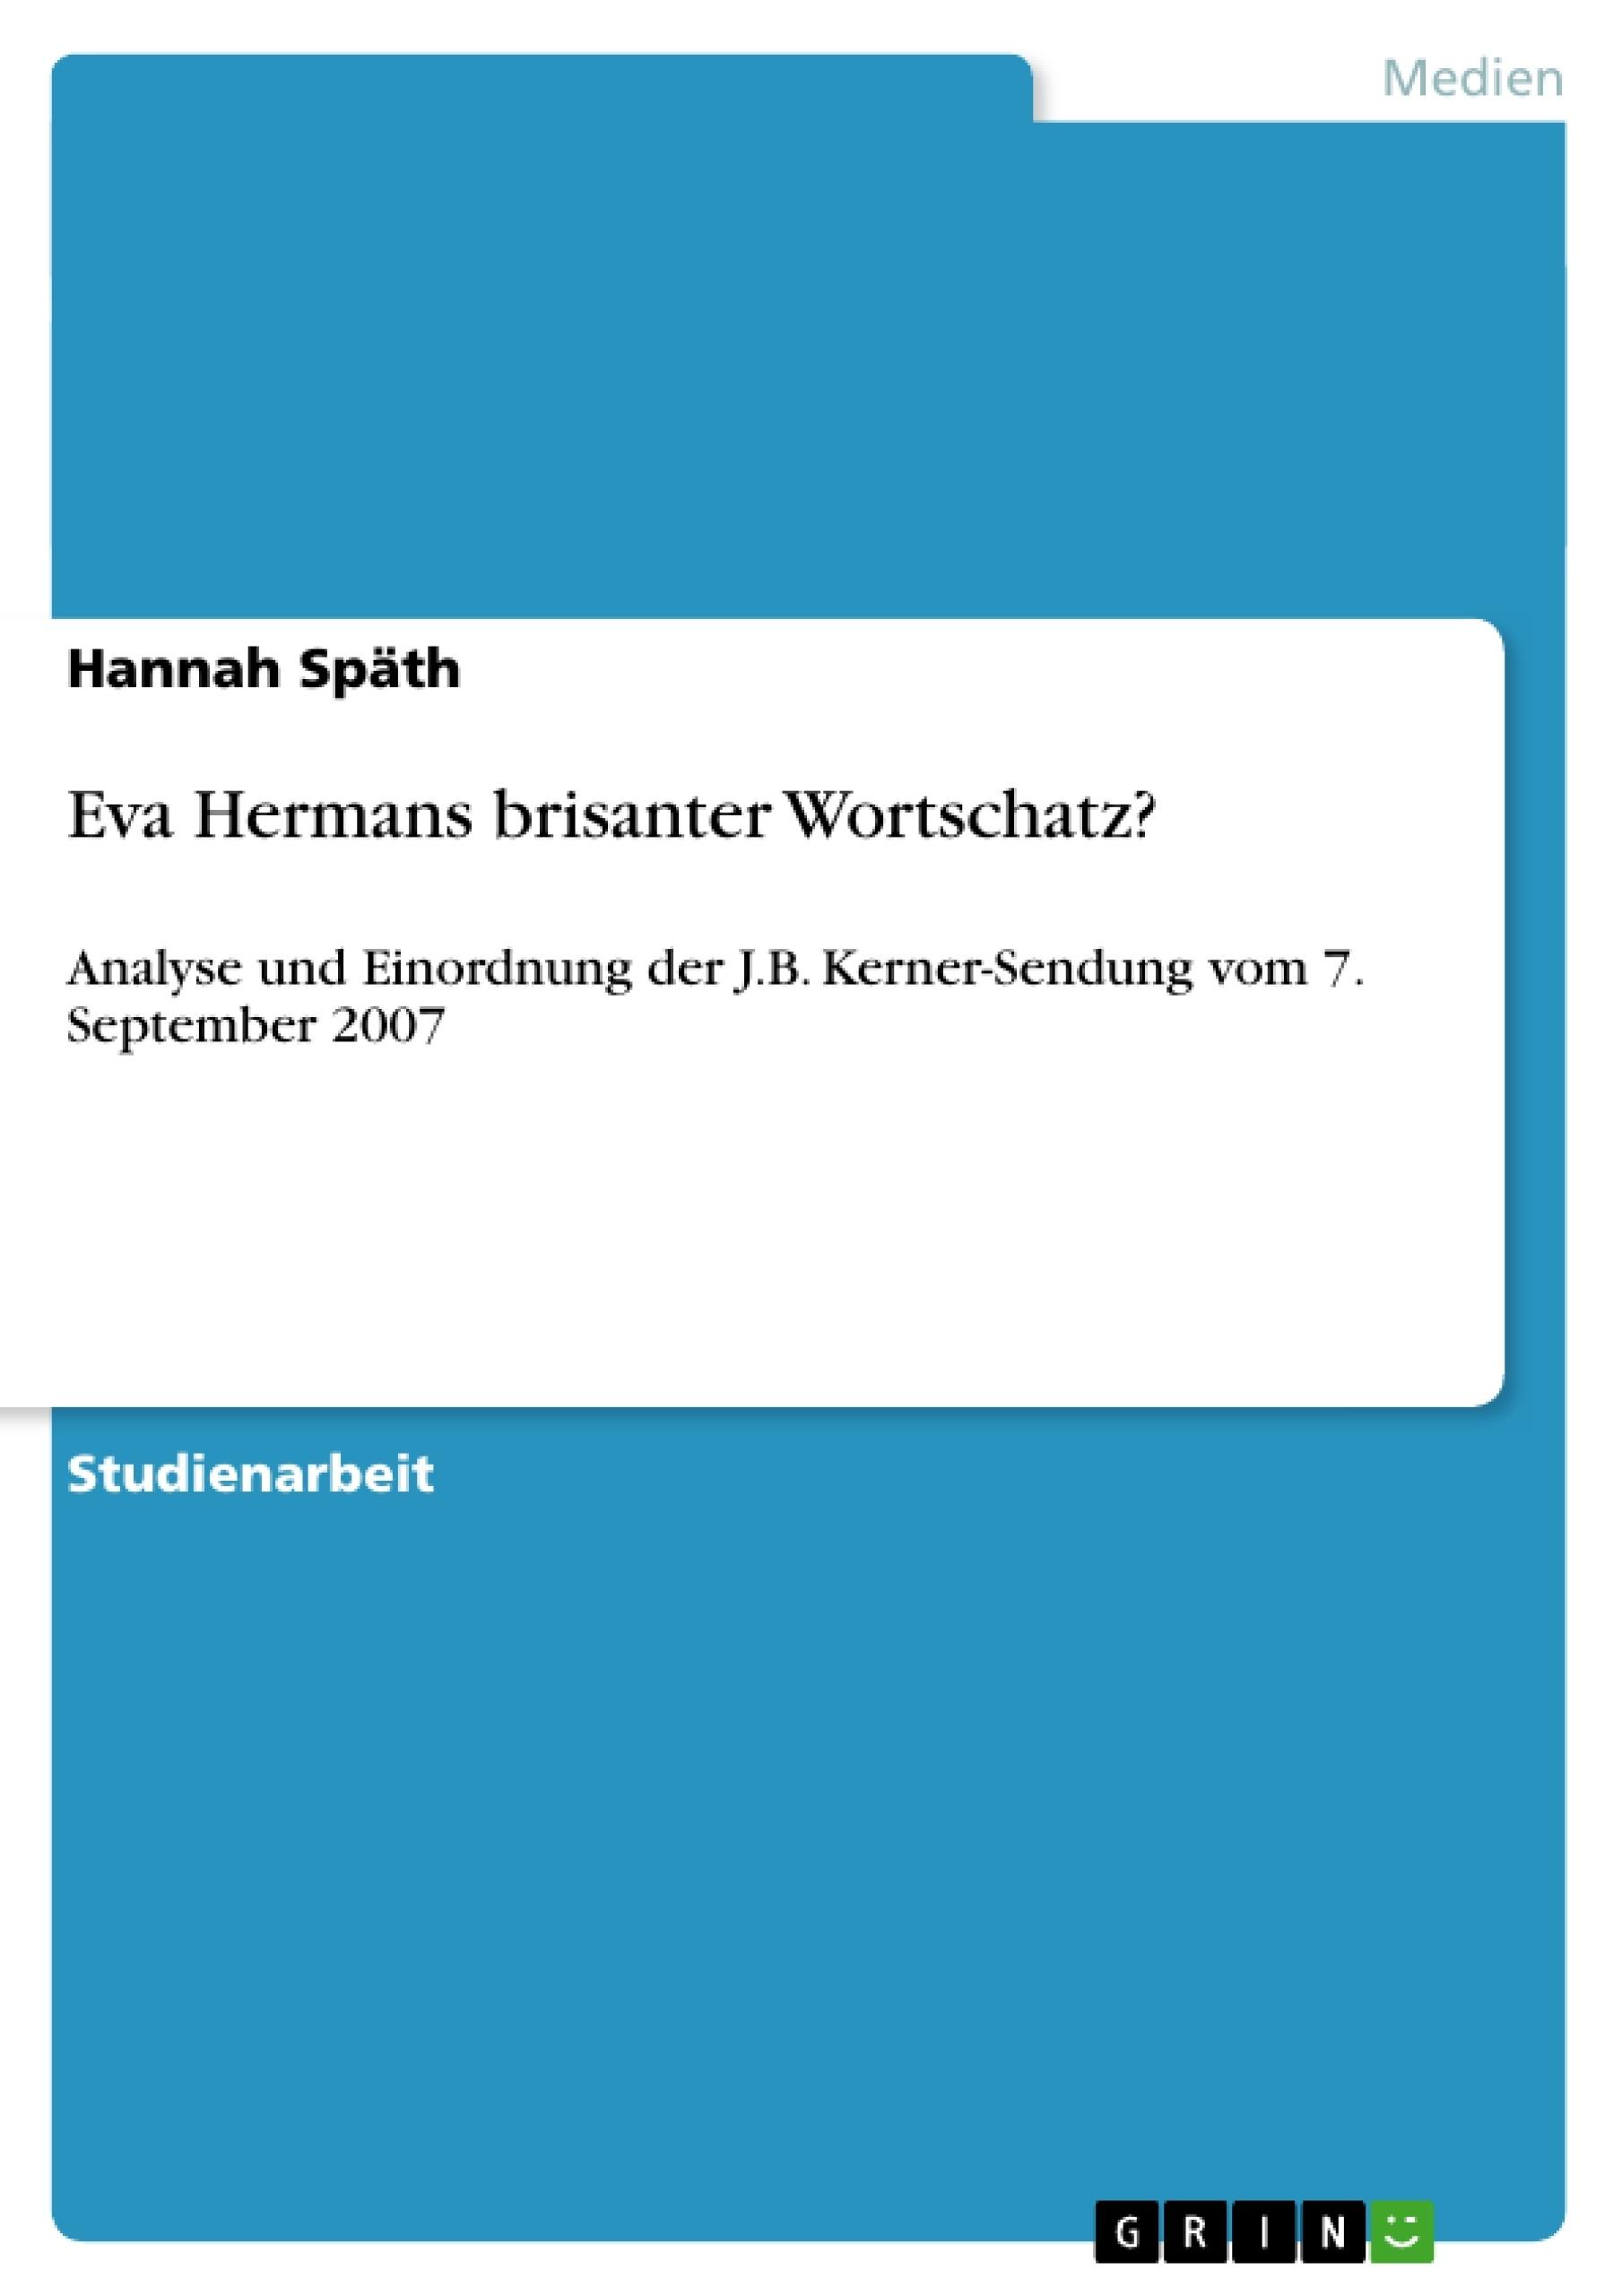 Titel: Eva Hermans brisanter Wortschatz?